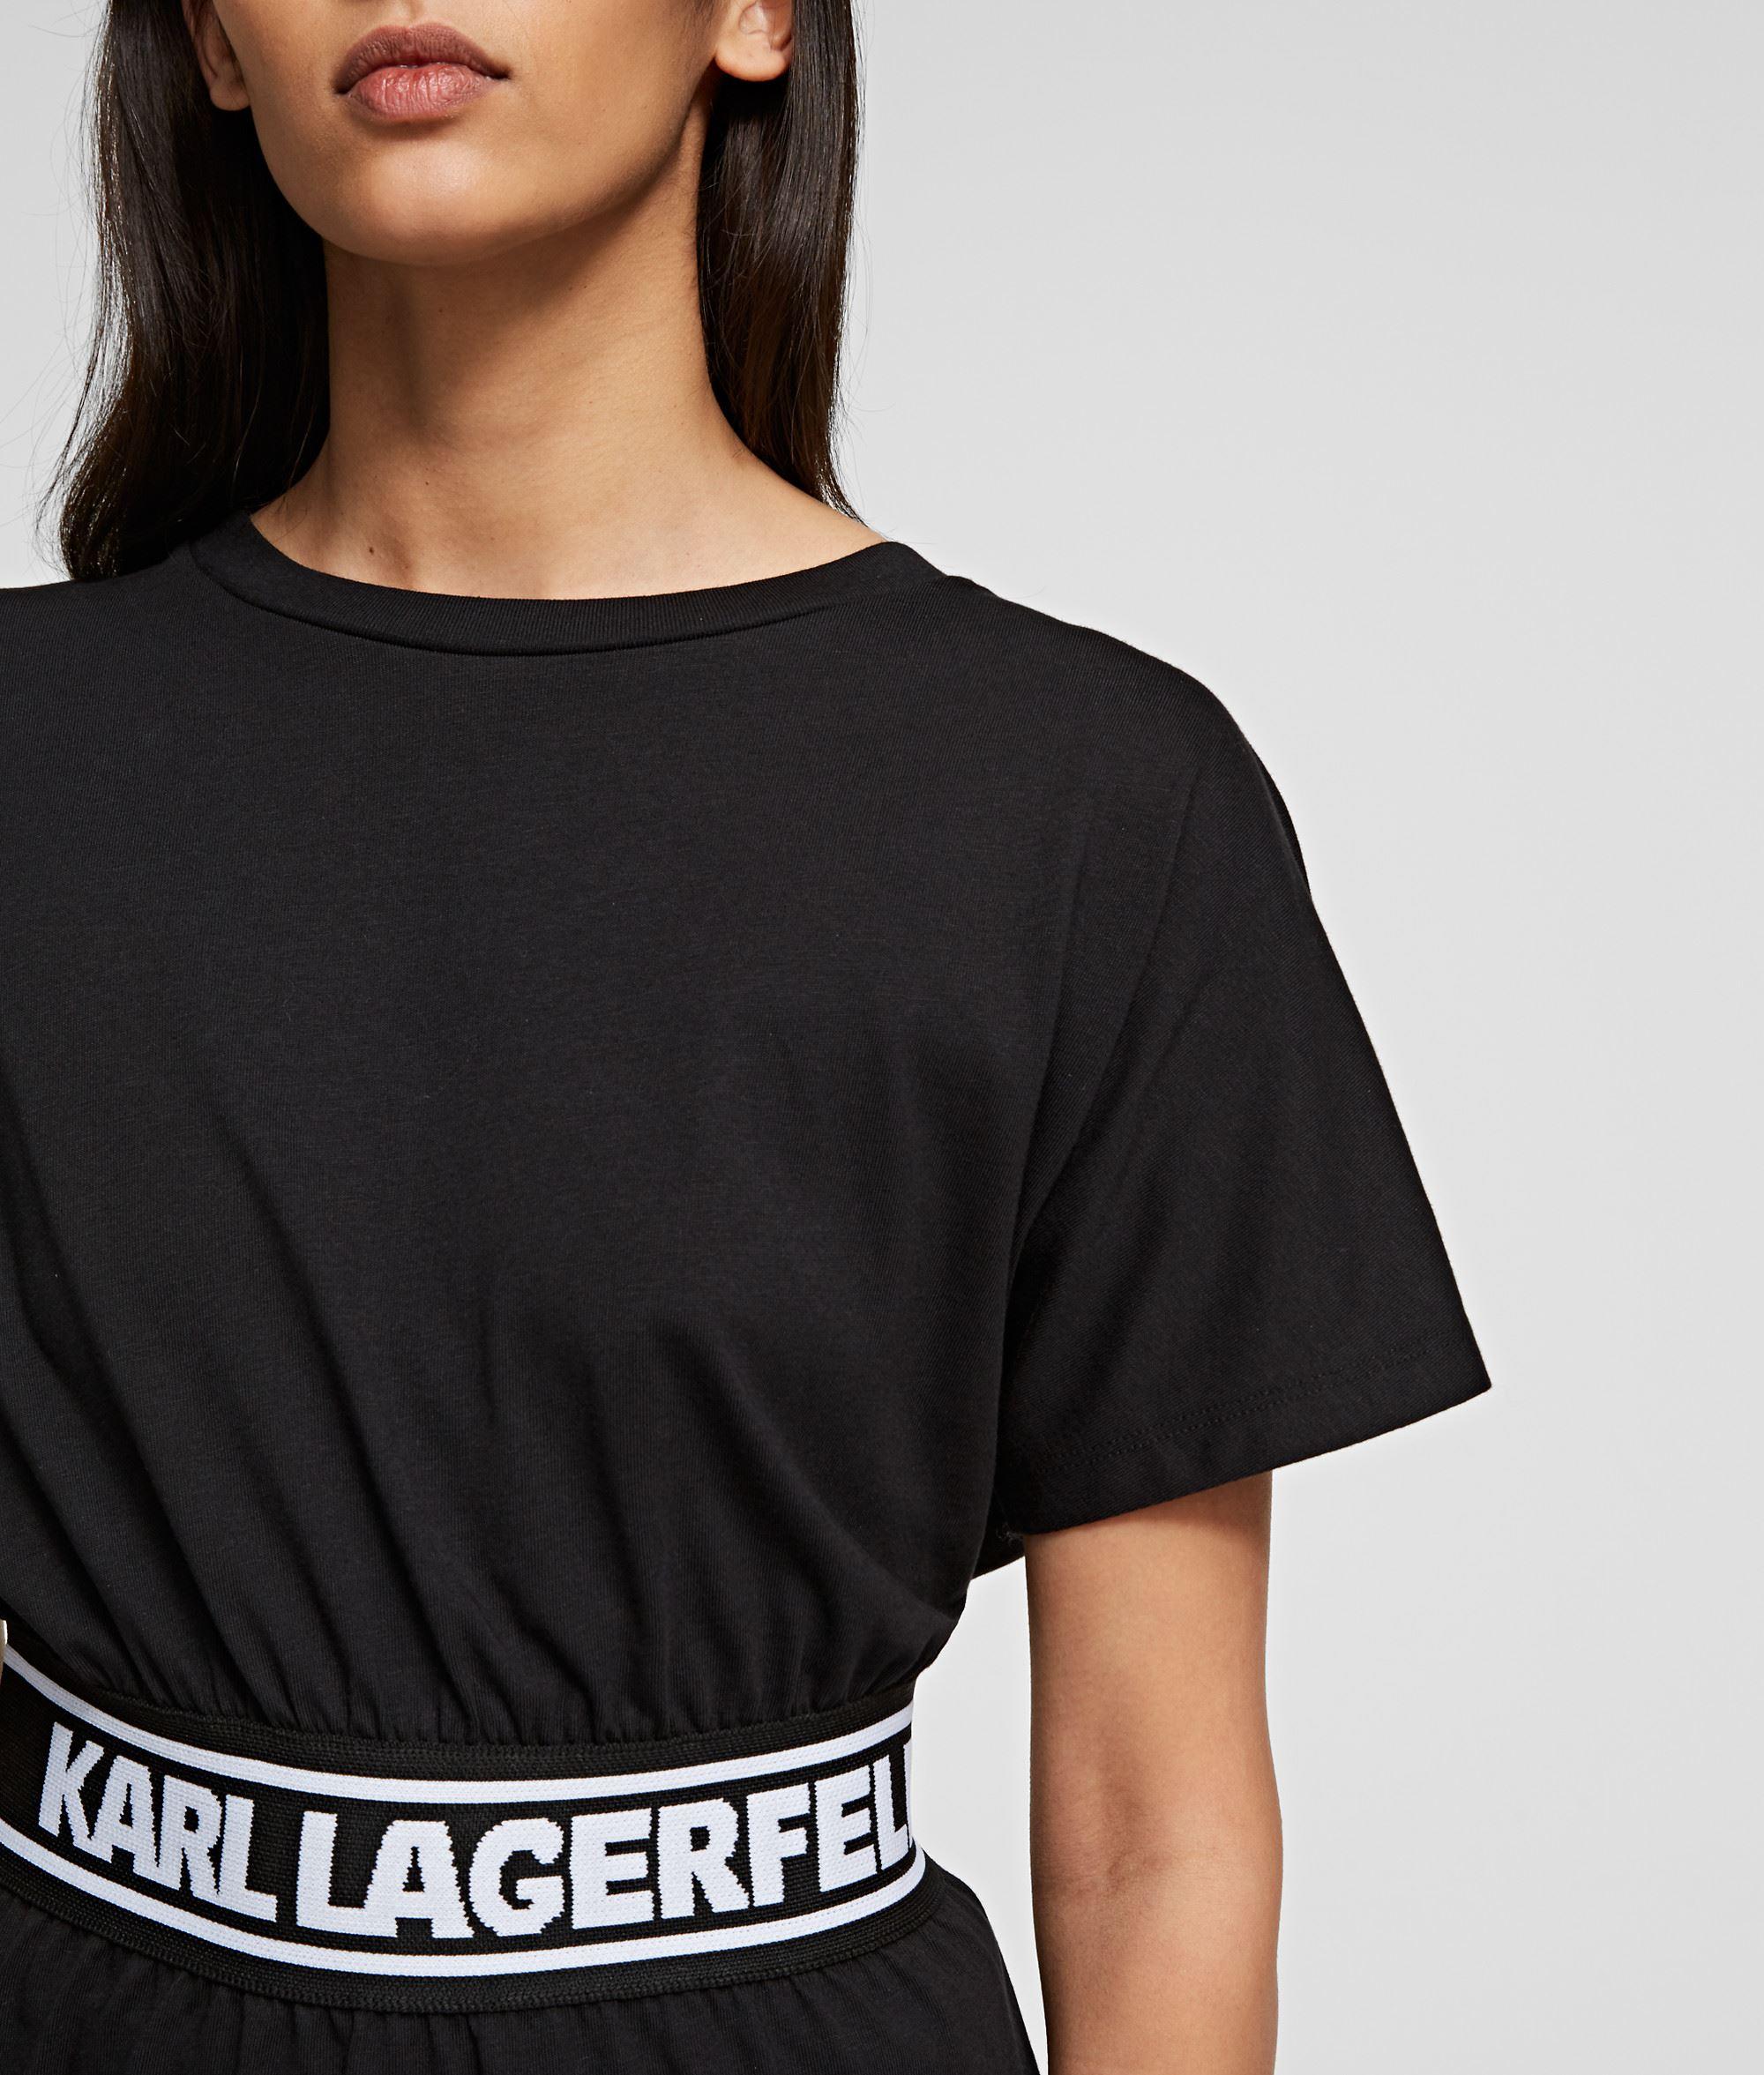 KARL LAGERFELD | T-Shirts | 211W1705999